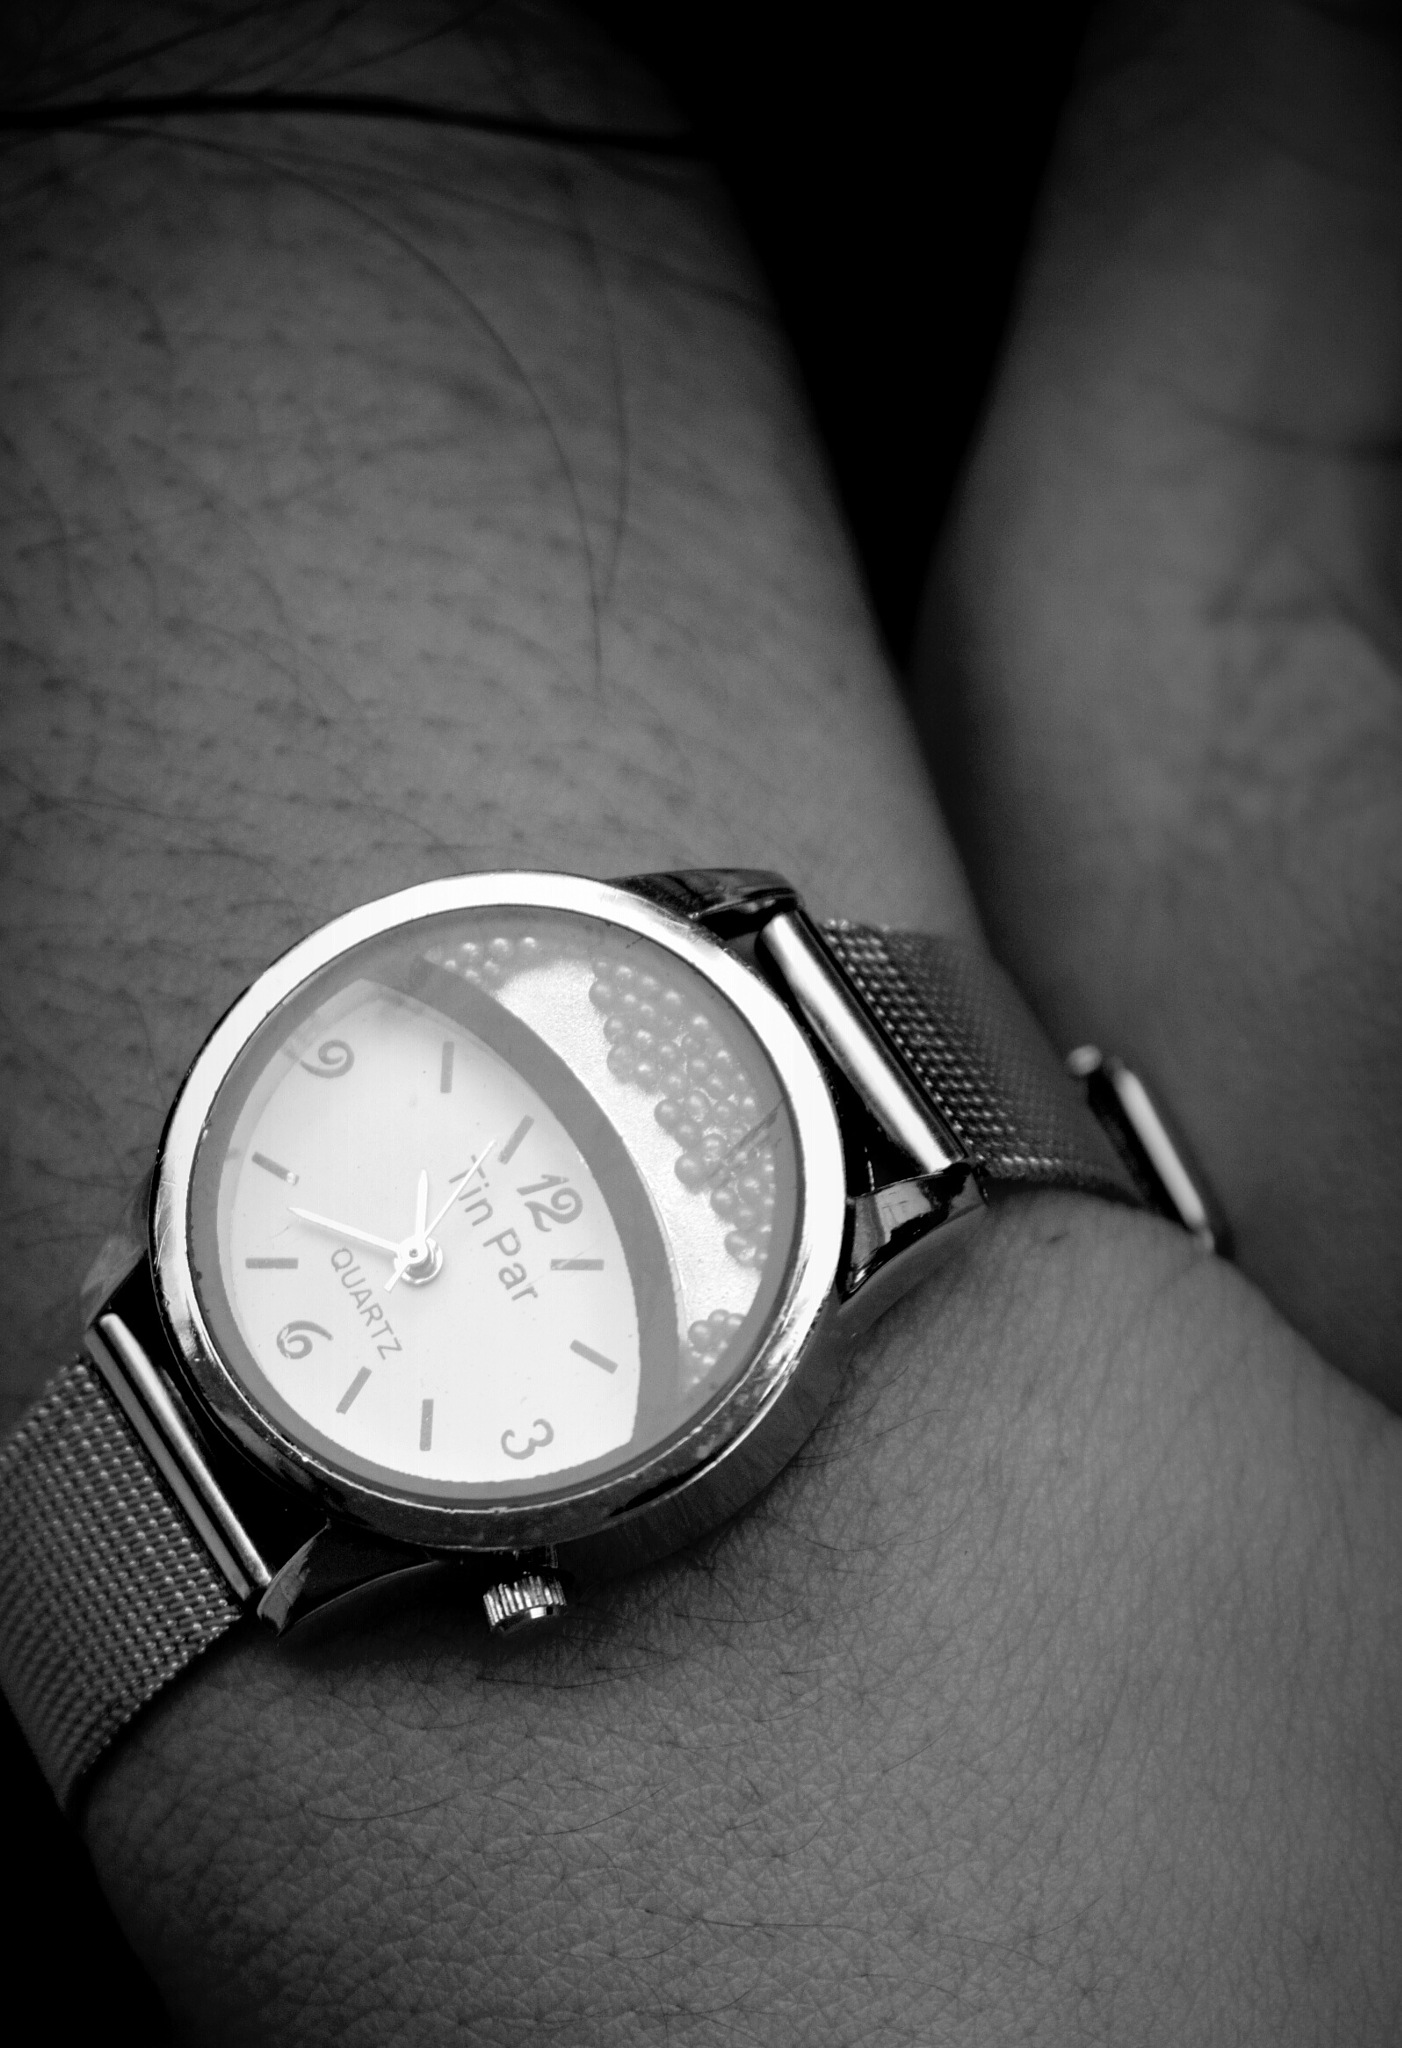 Wrist watch by Chandana Udumalwaththe